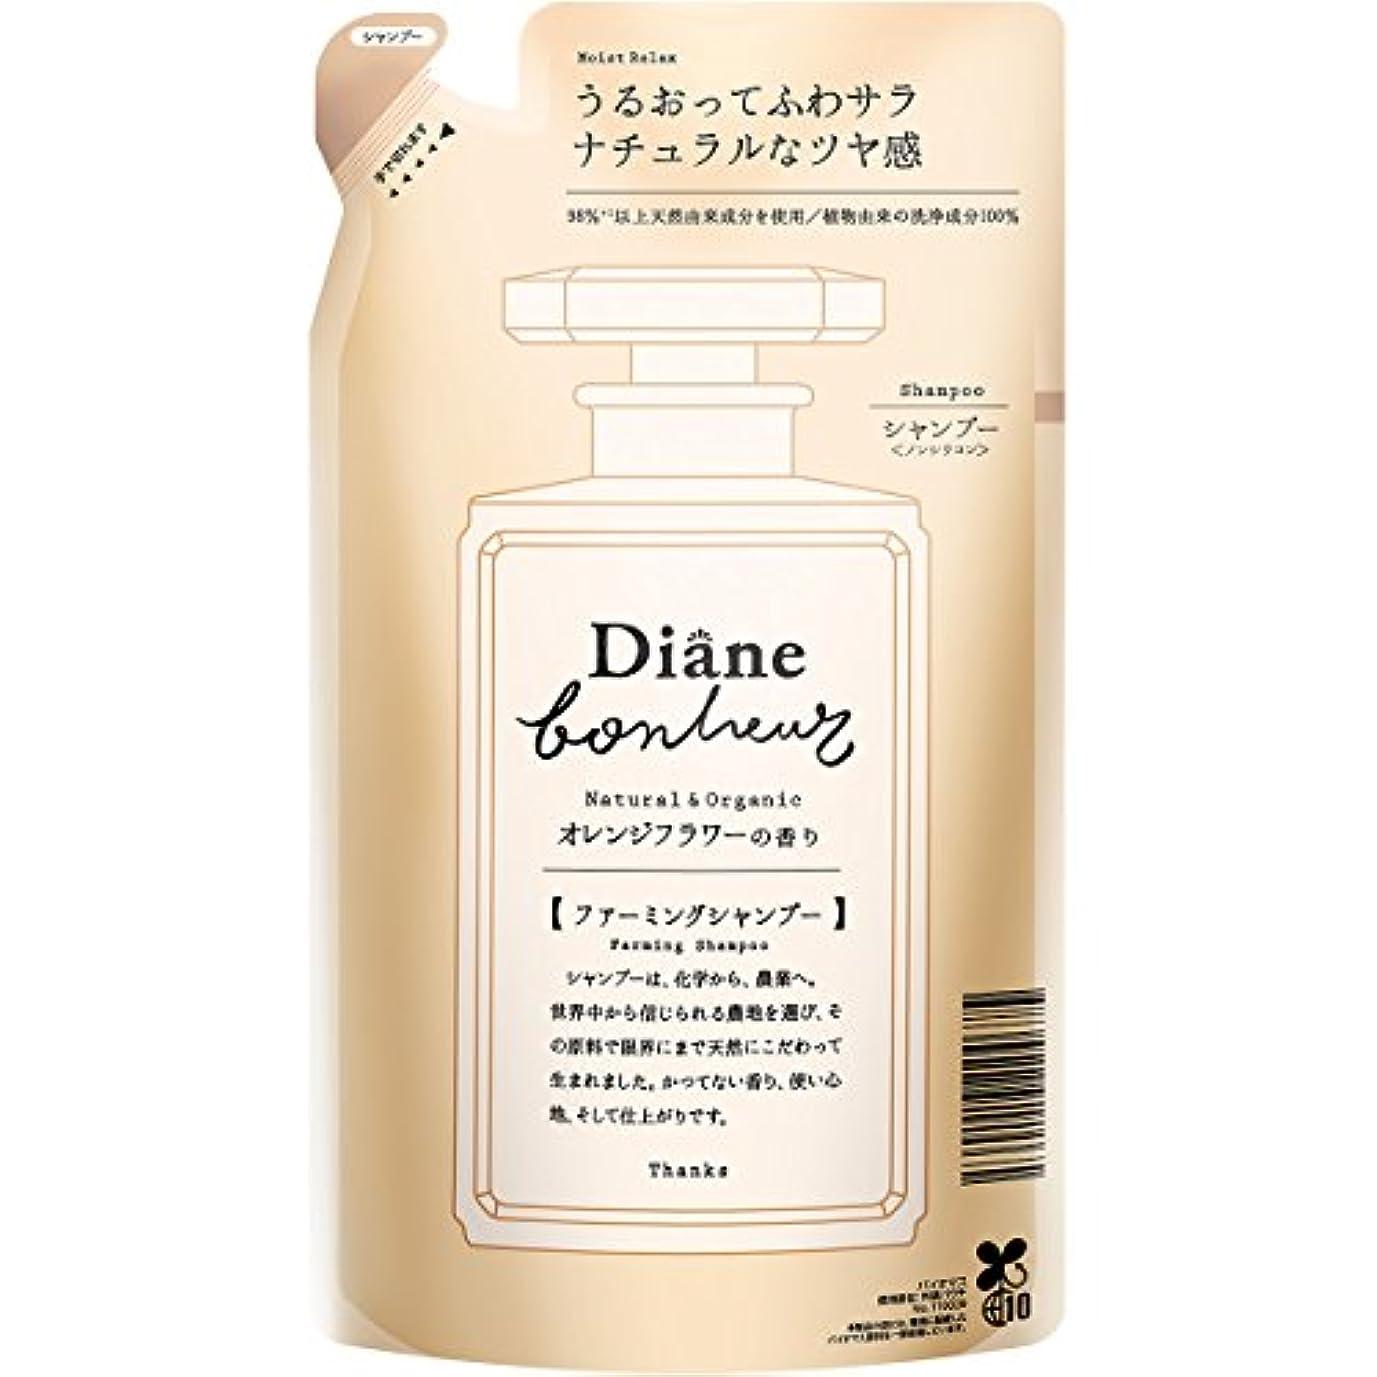 マウスうれしい信条ダイアン ボヌール オレンジフラワーの香り モイストリラックス シャンプー 詰め替え 400ml